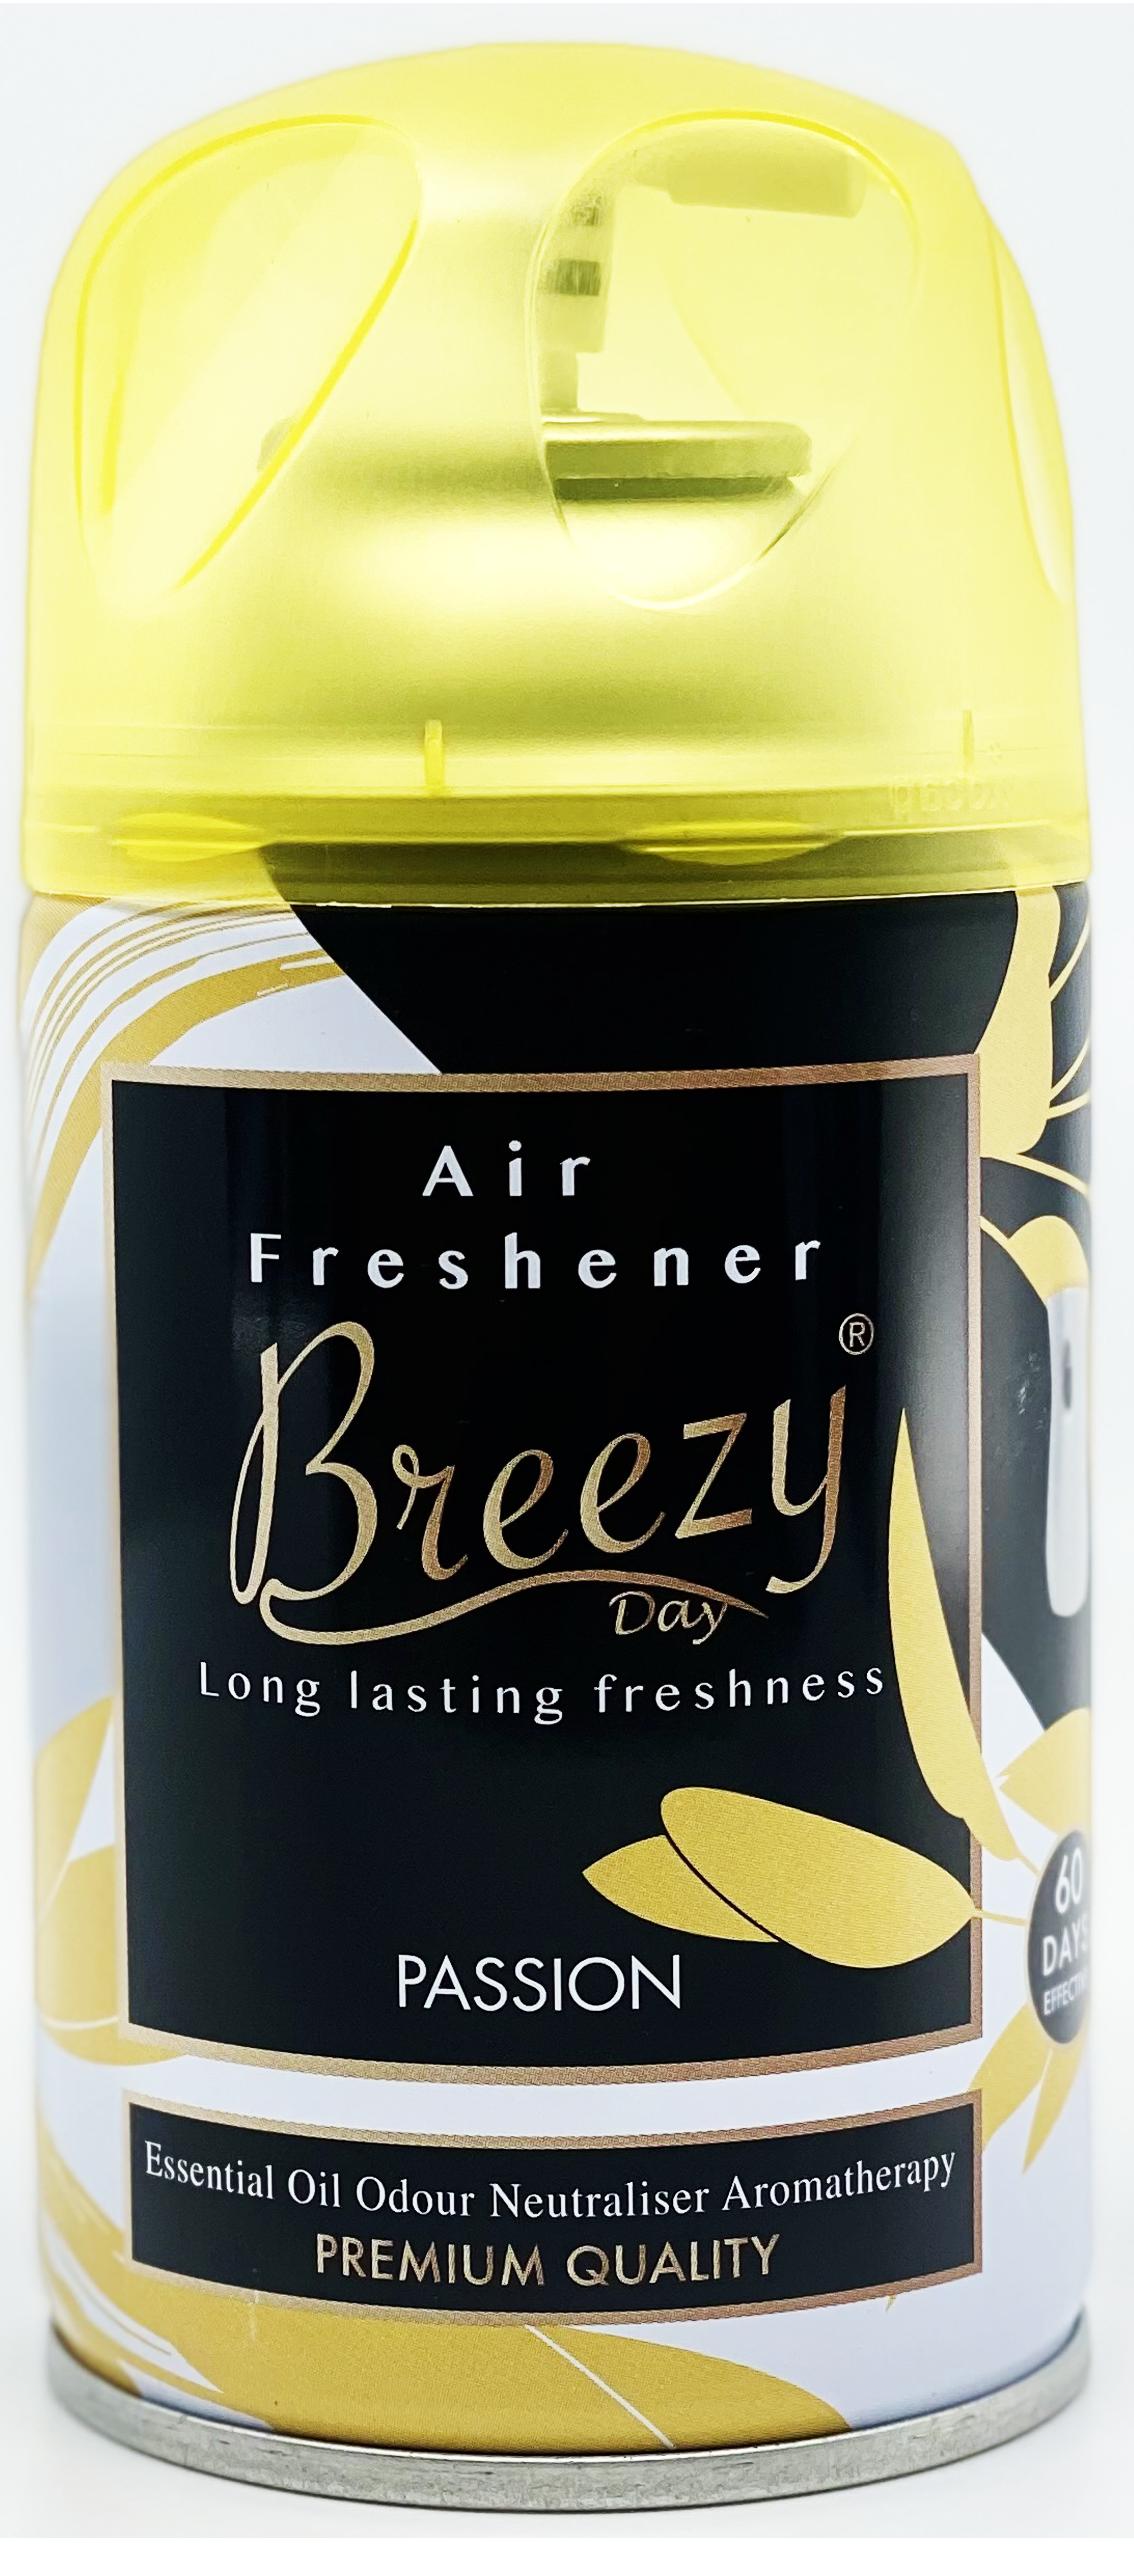 Breezy Passion